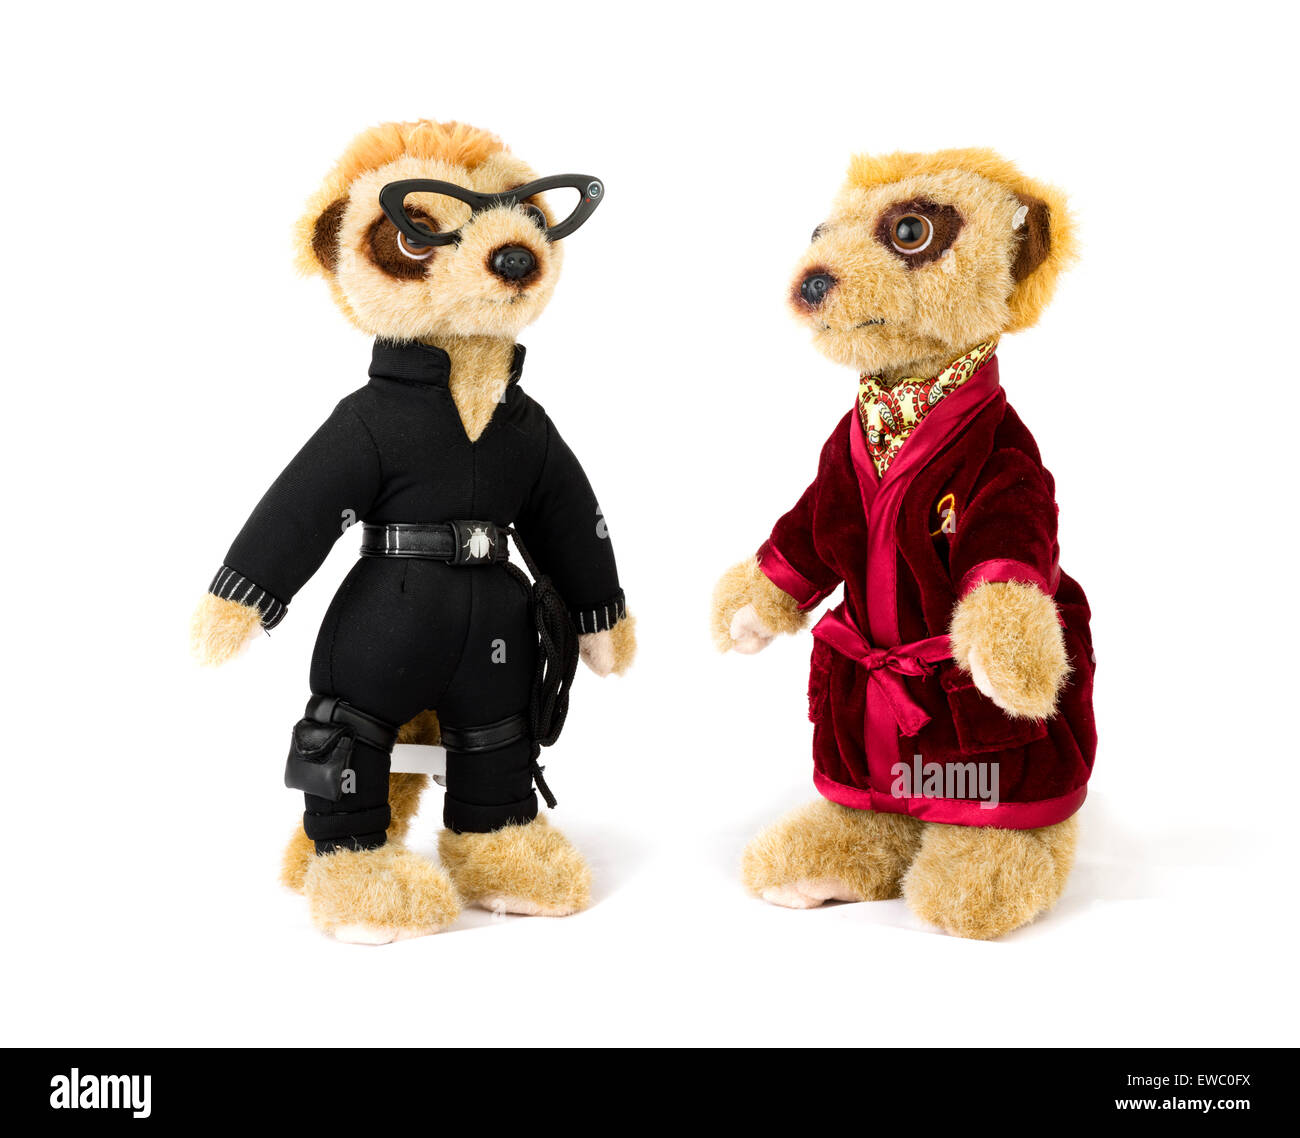 Aleksandr Orlov et Agent Maiya meerkat des jouets de Comparethemarket.com site de comparaison de prix, UK Photo Stock